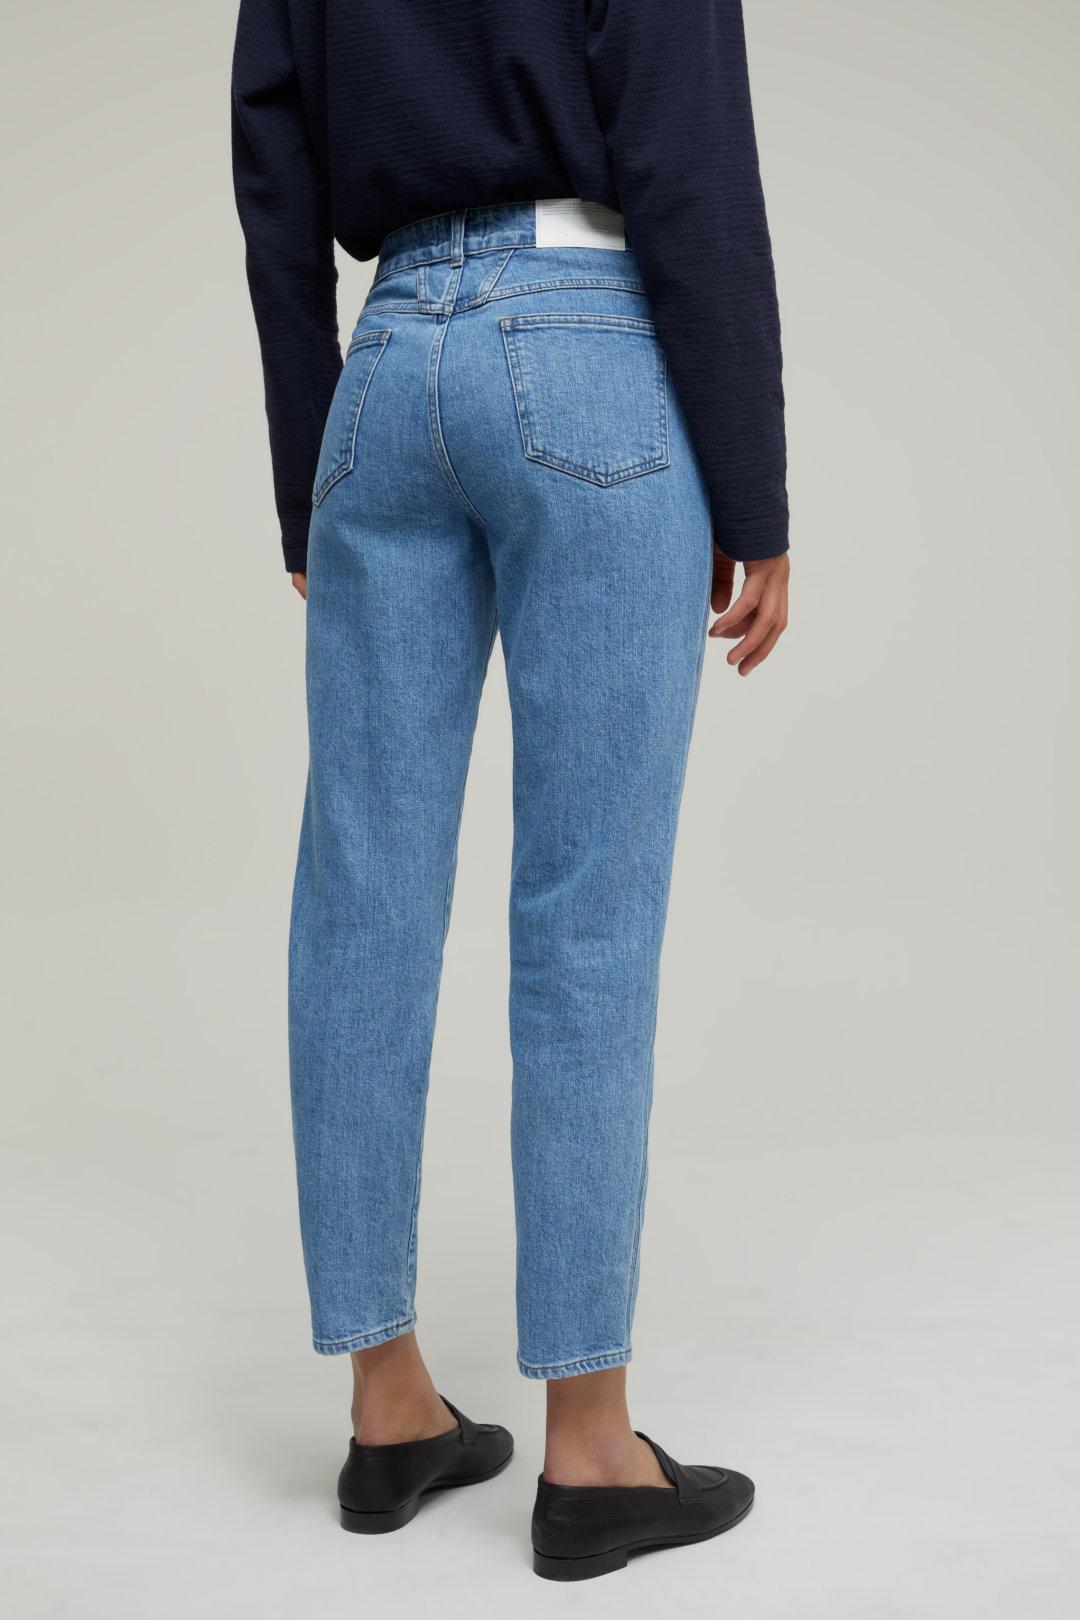 Closed Jeans C88002 05E 6A-5